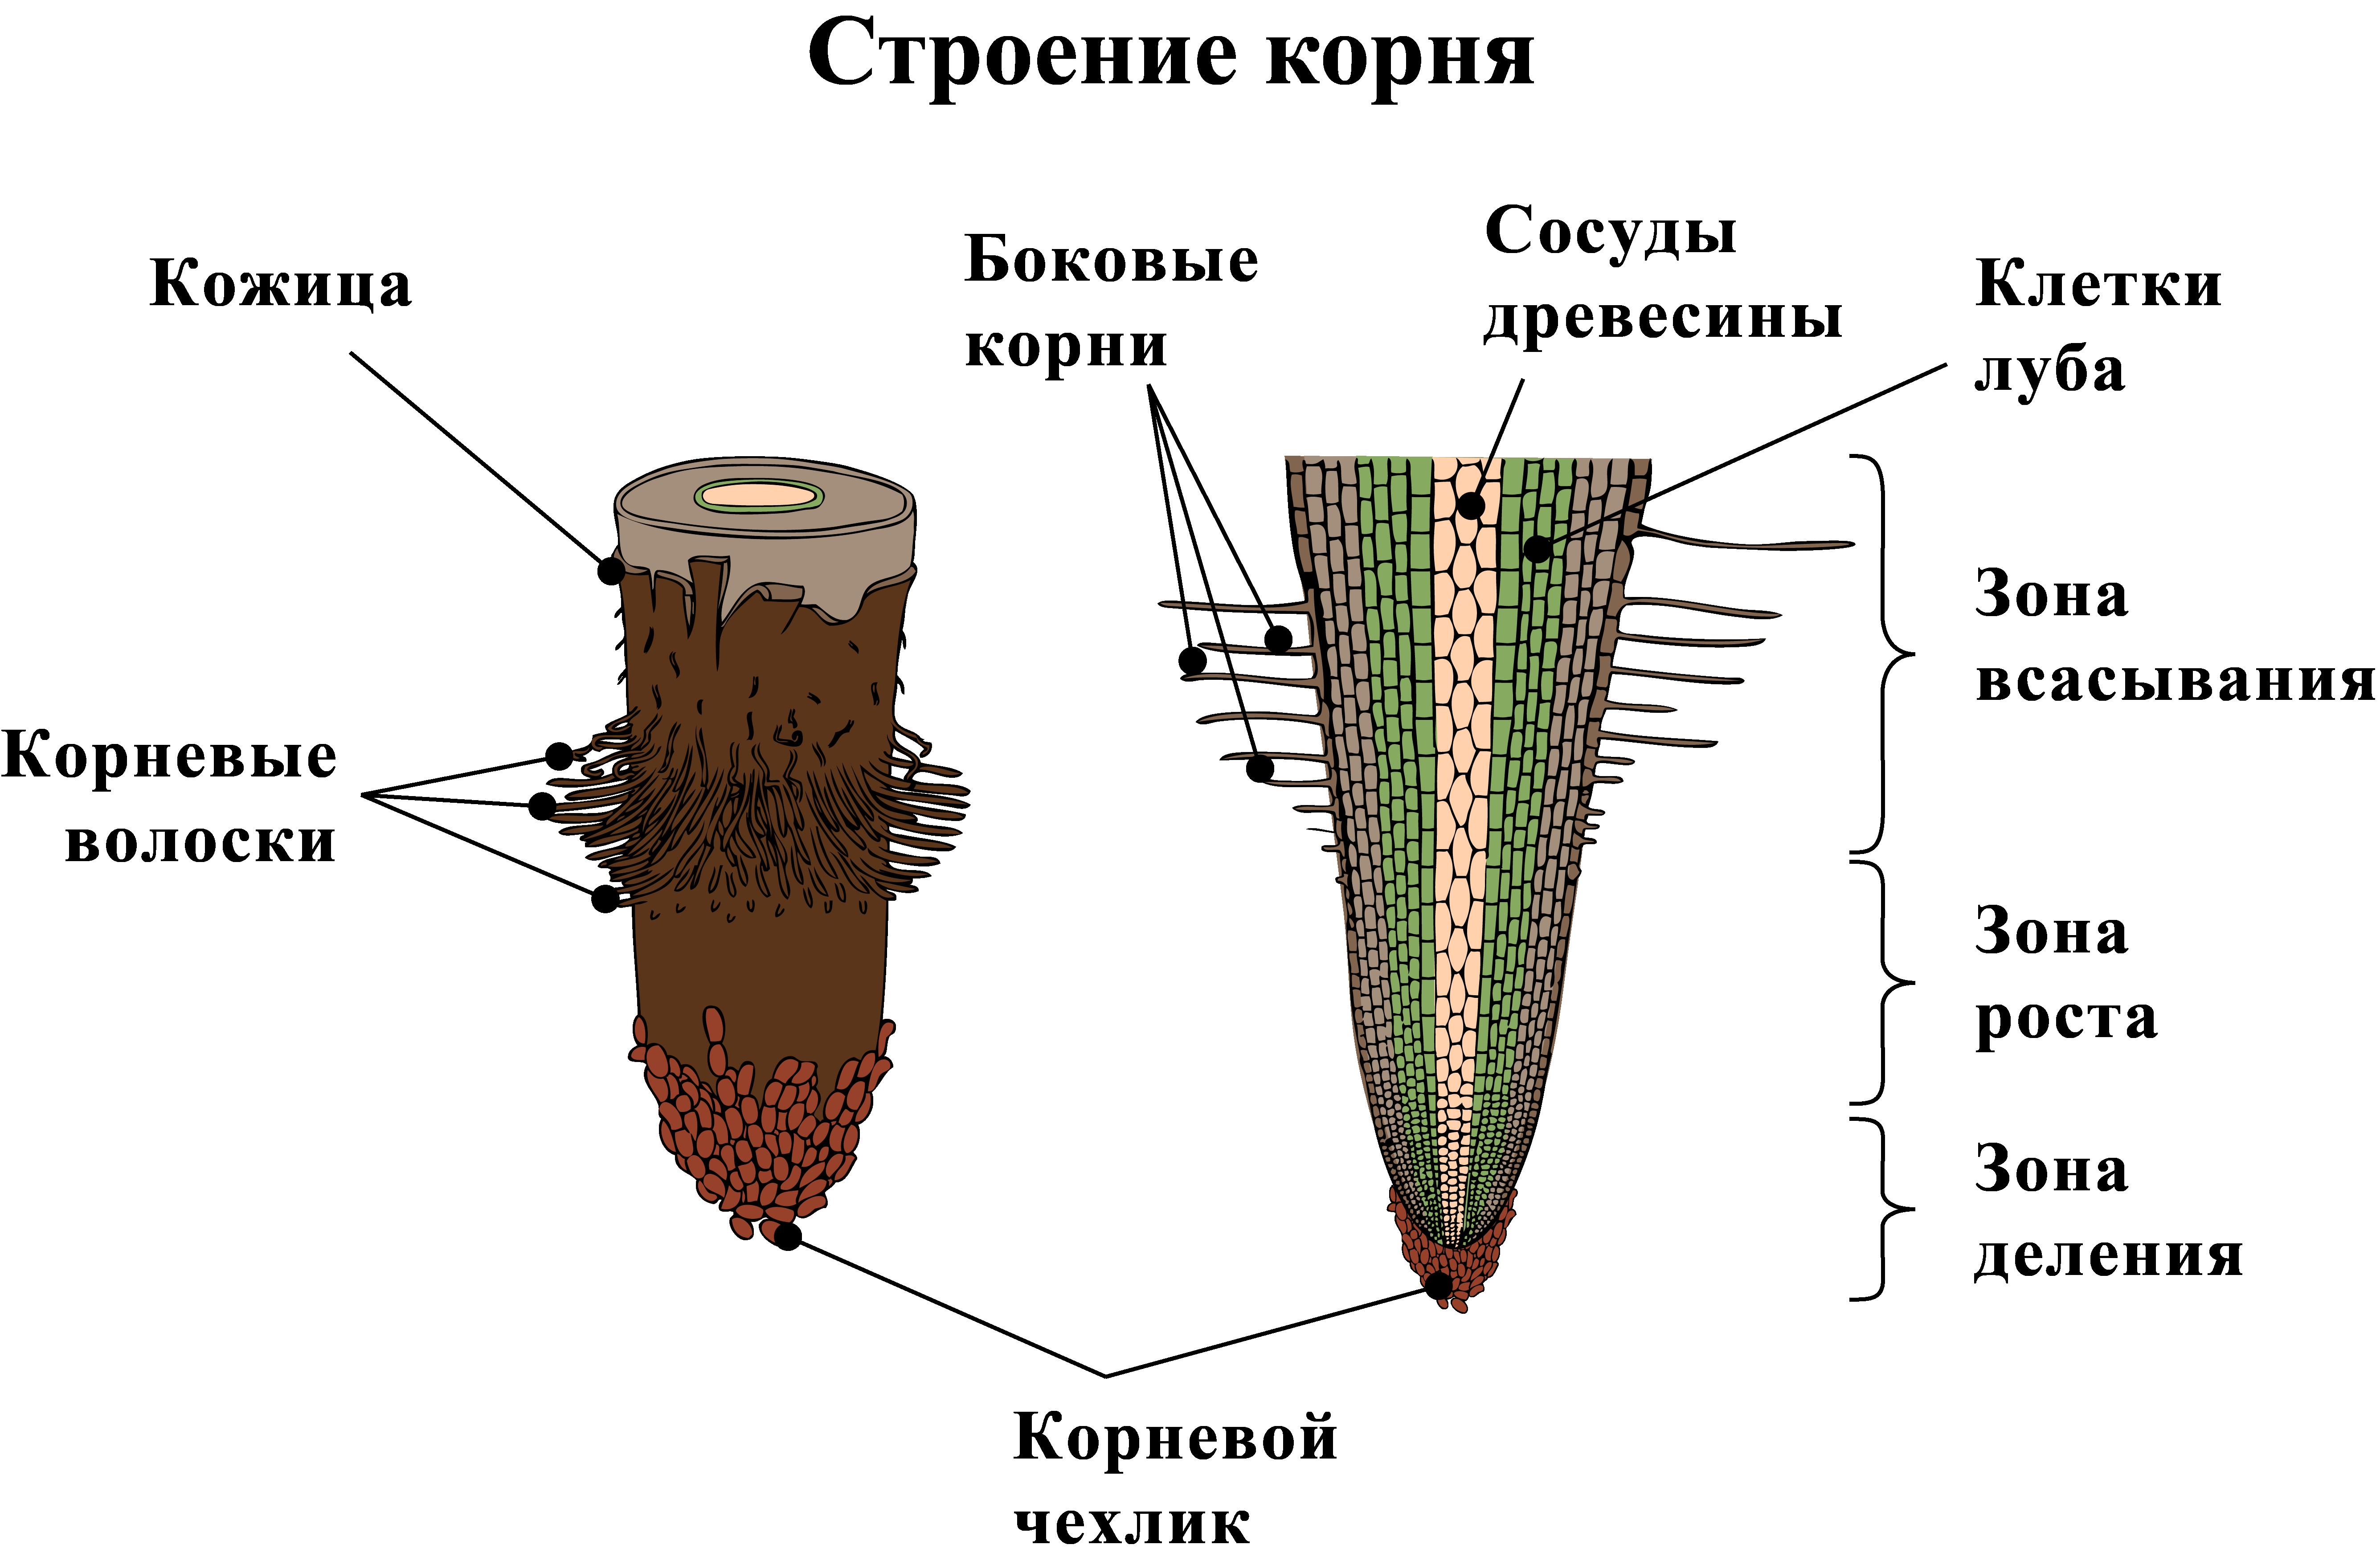 корневые волоски